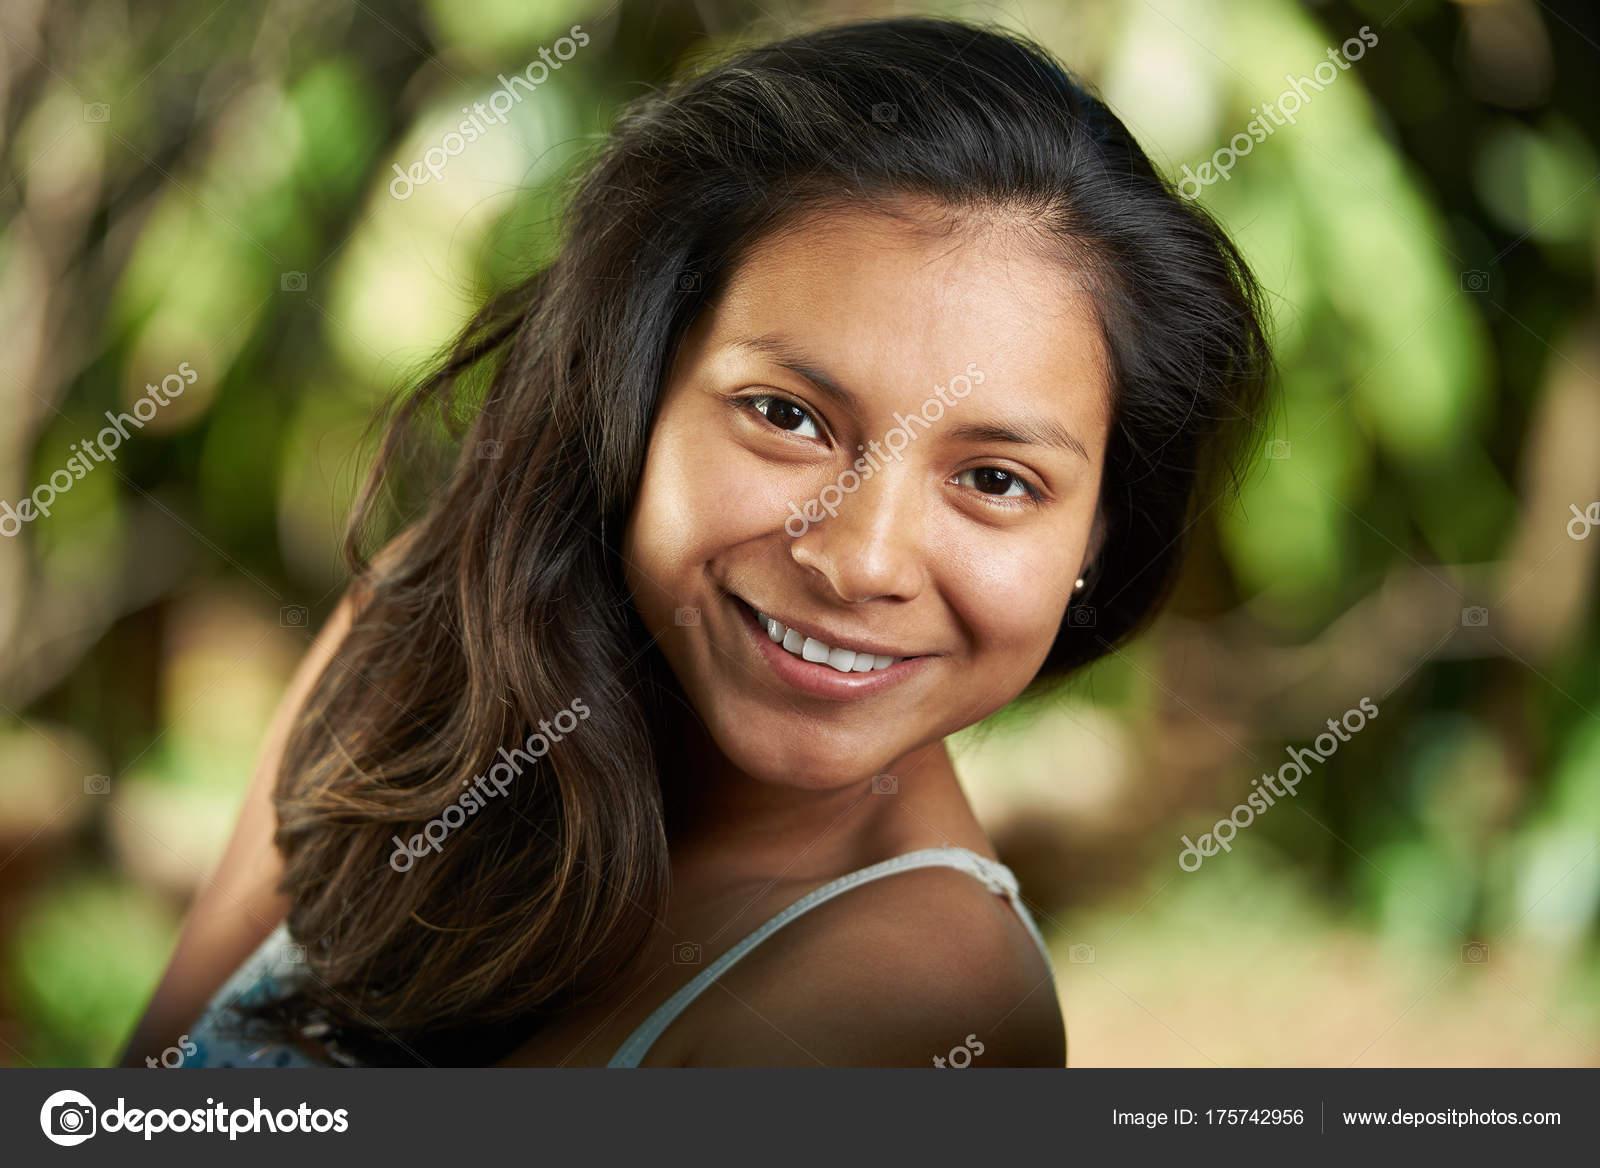 Pictures of hispanic women